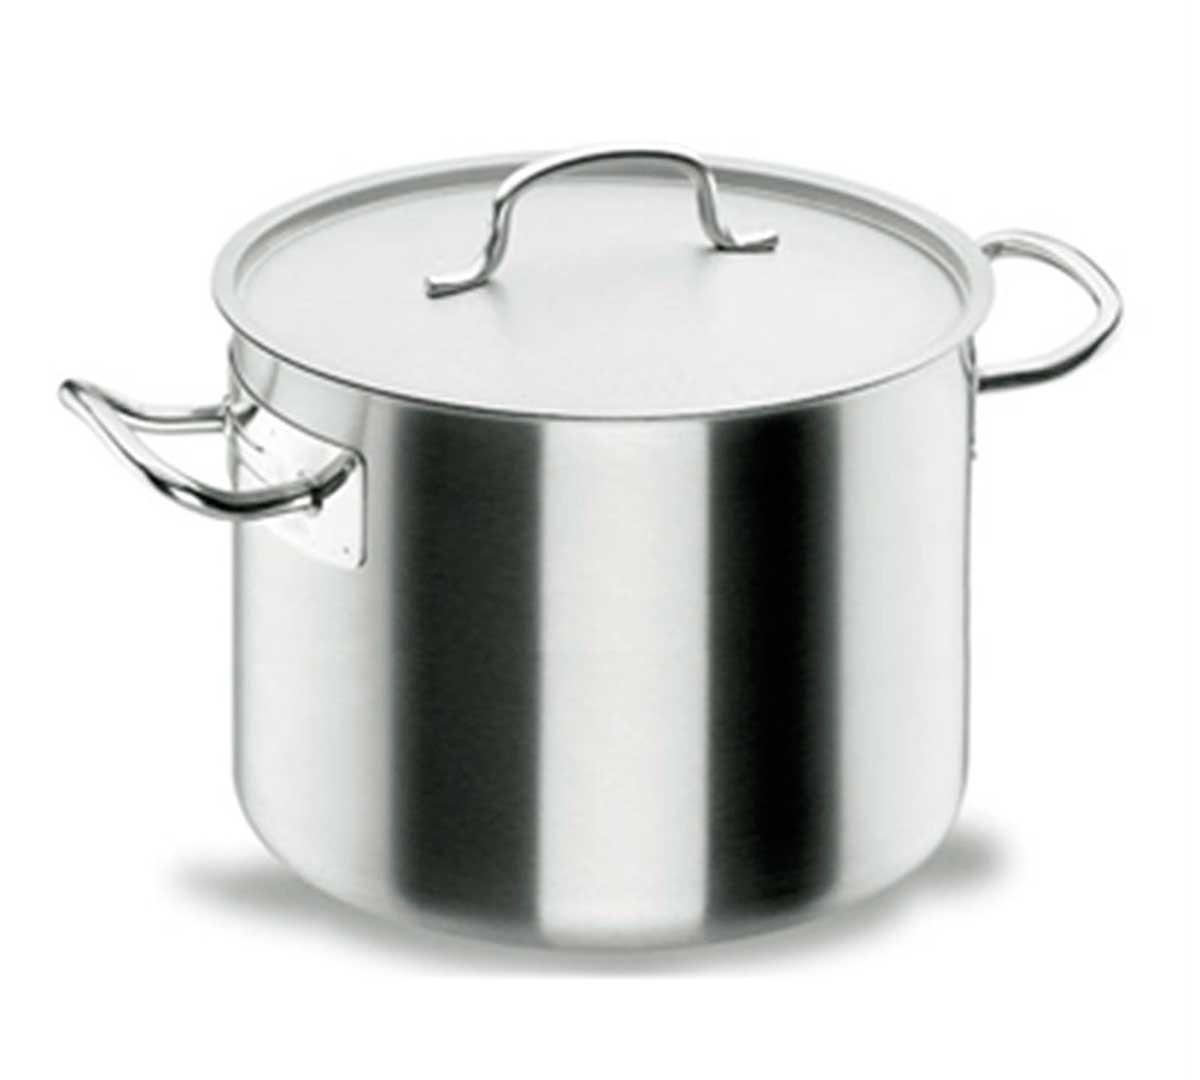 batería cocina chef classic